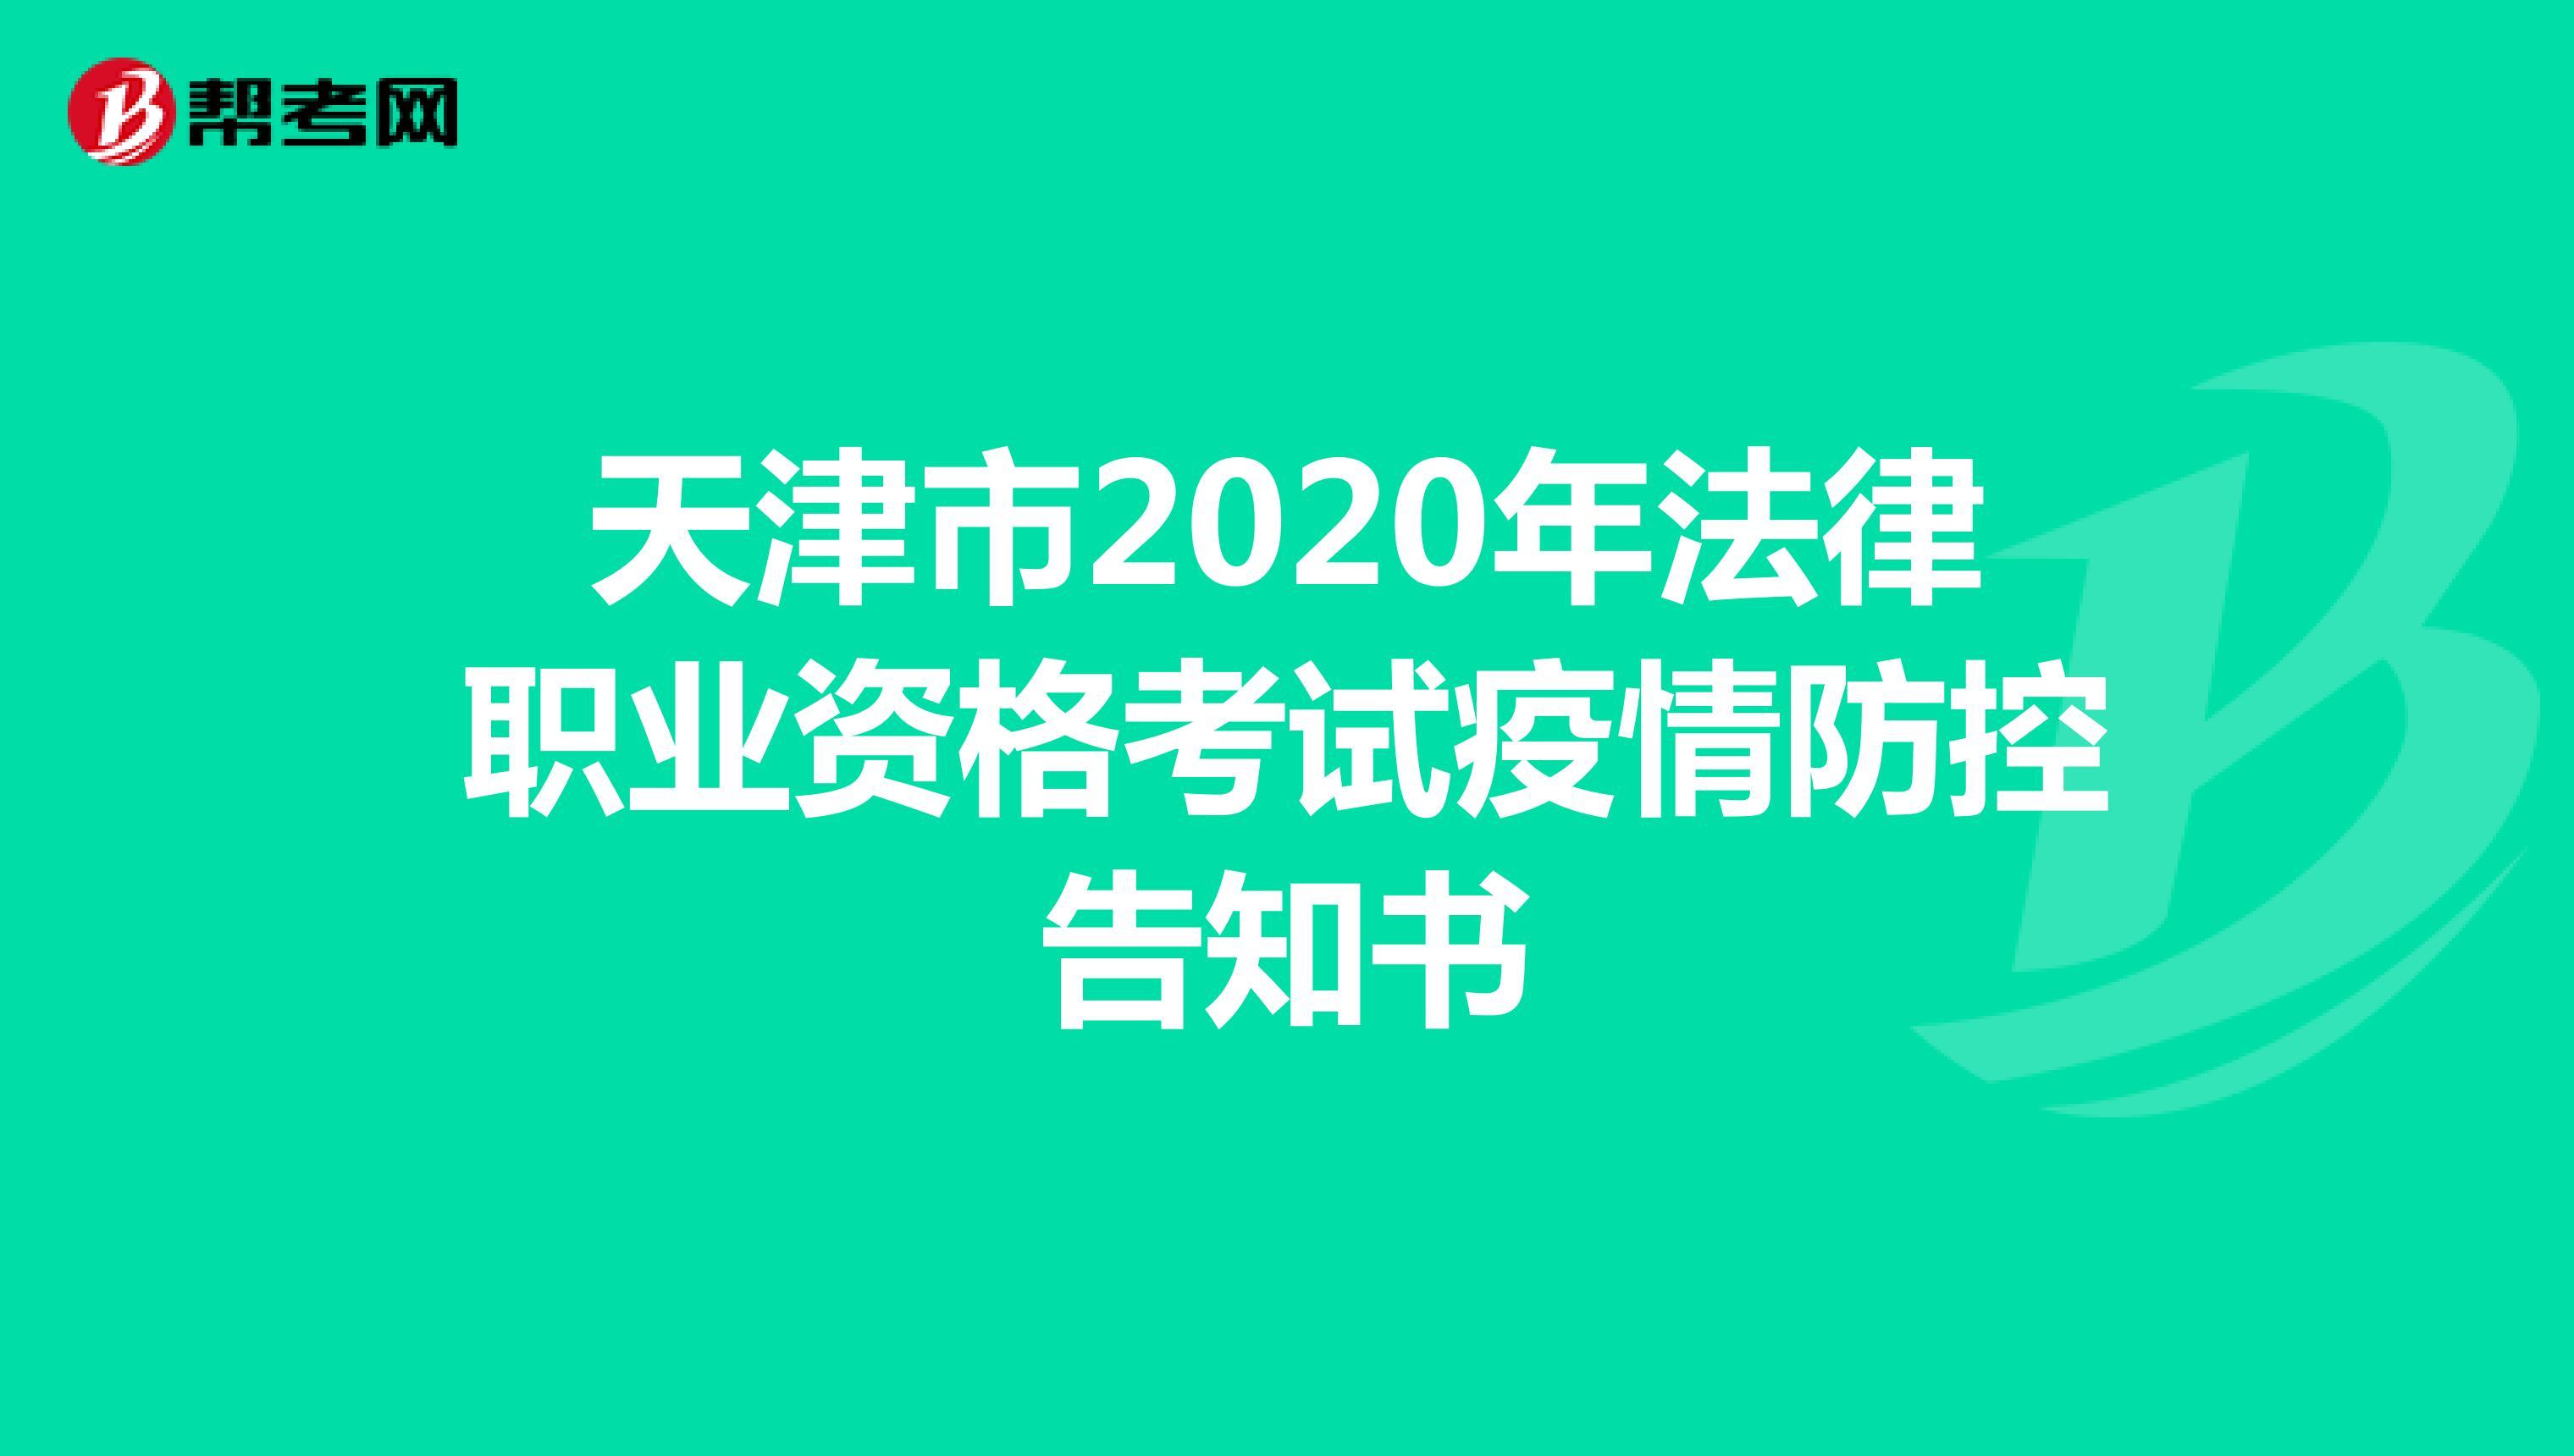 天津市2020年法律职业资格考试疫情防控告知书